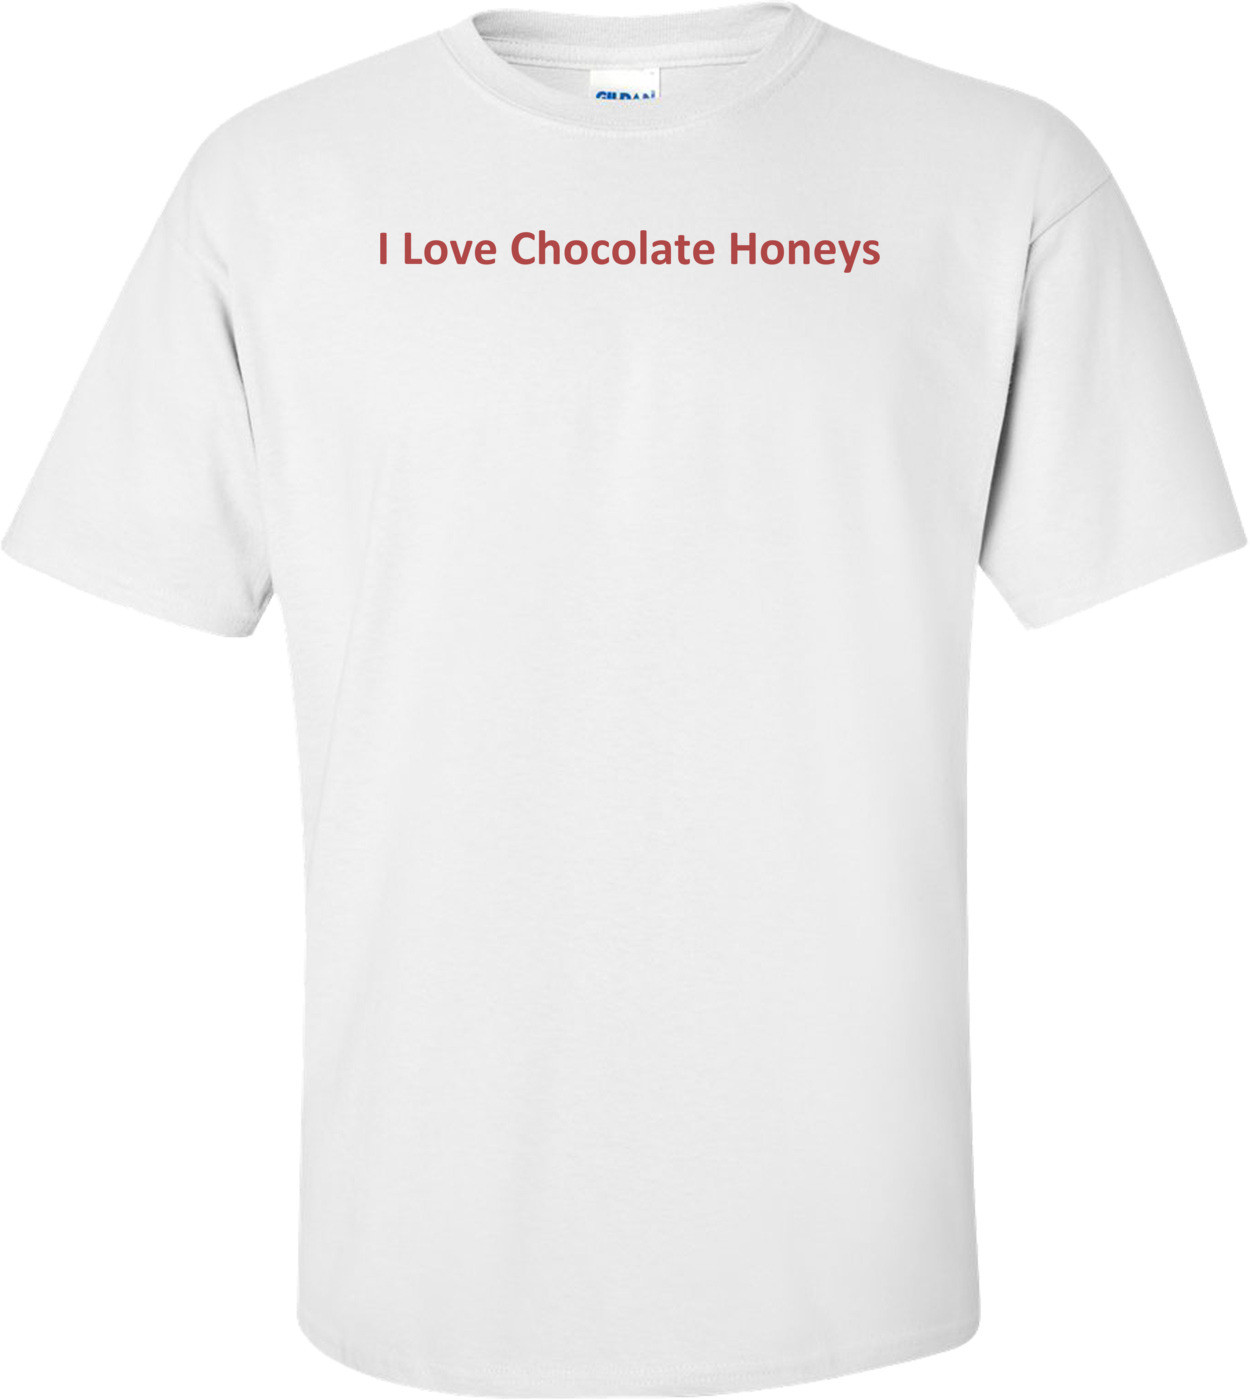 I Love Chocolate Honeys T-Shirt